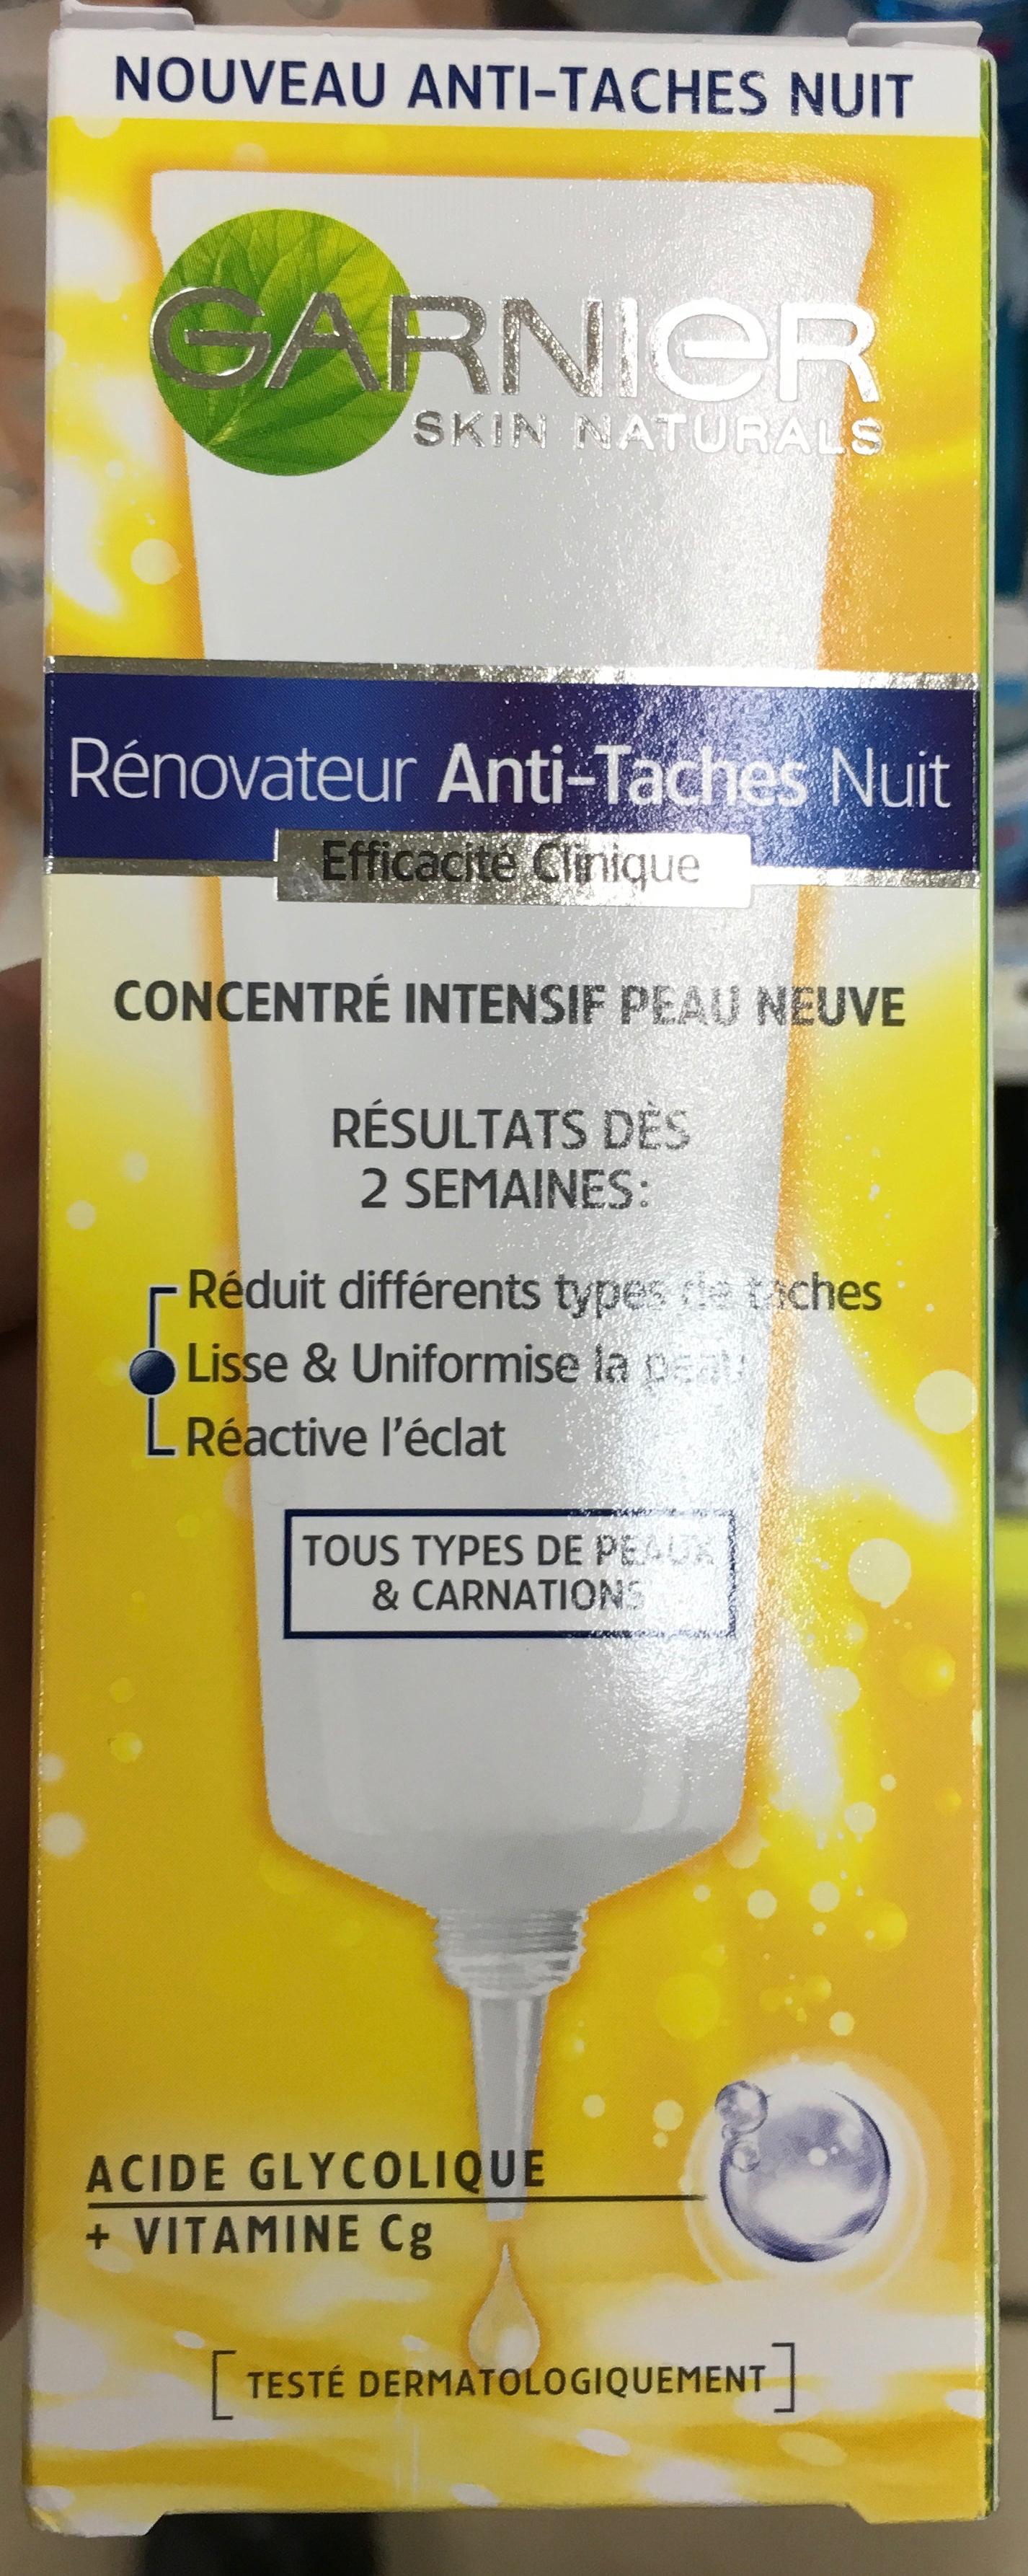 Rénovateur Anti-Taches Nuit - Product